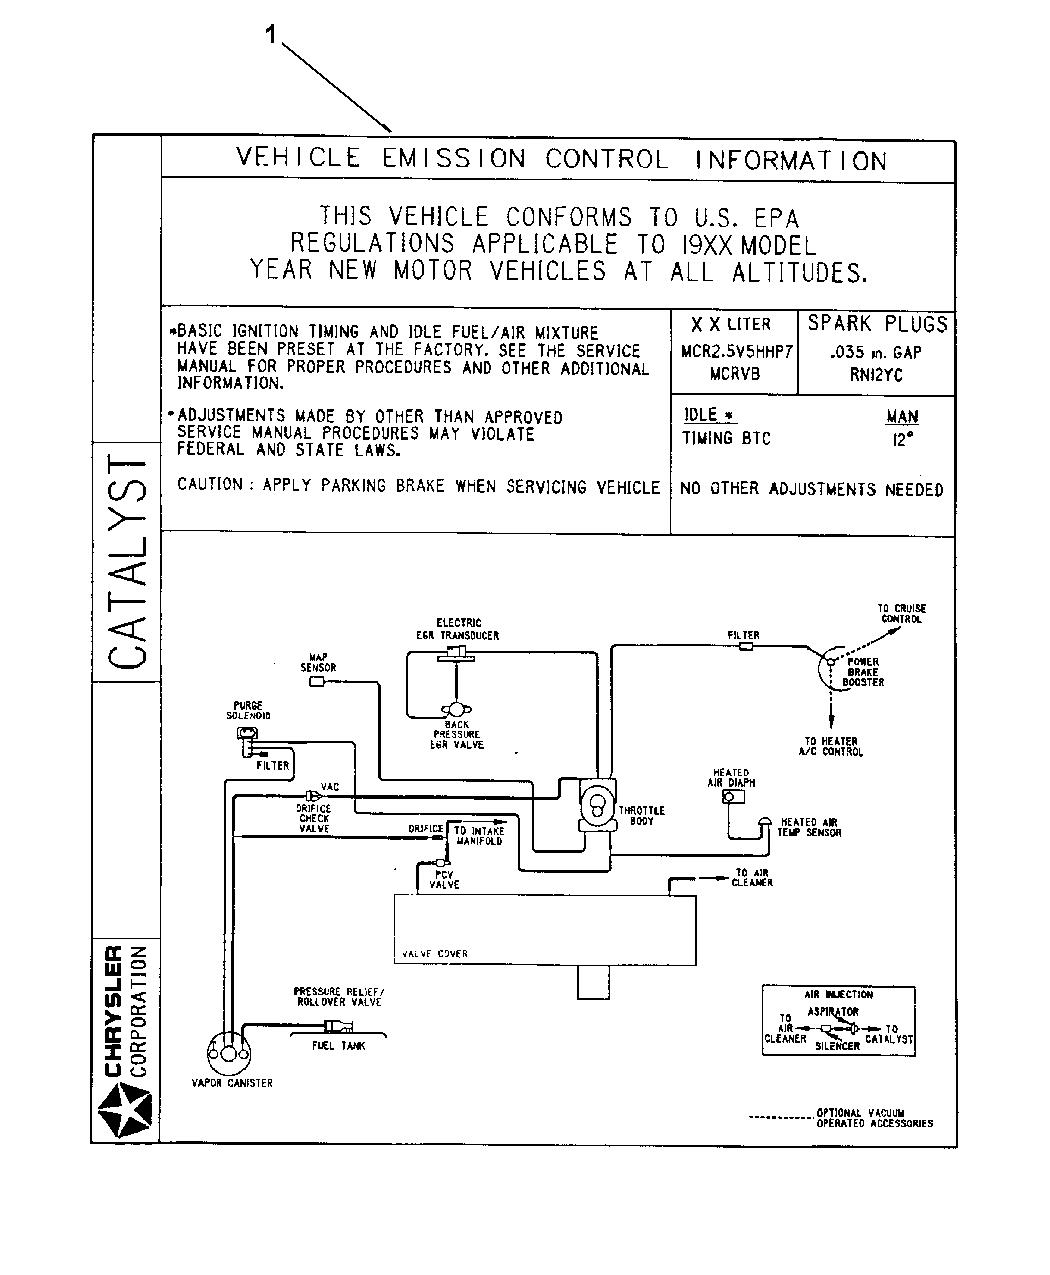 2000 Dodge Neon Emission Labels